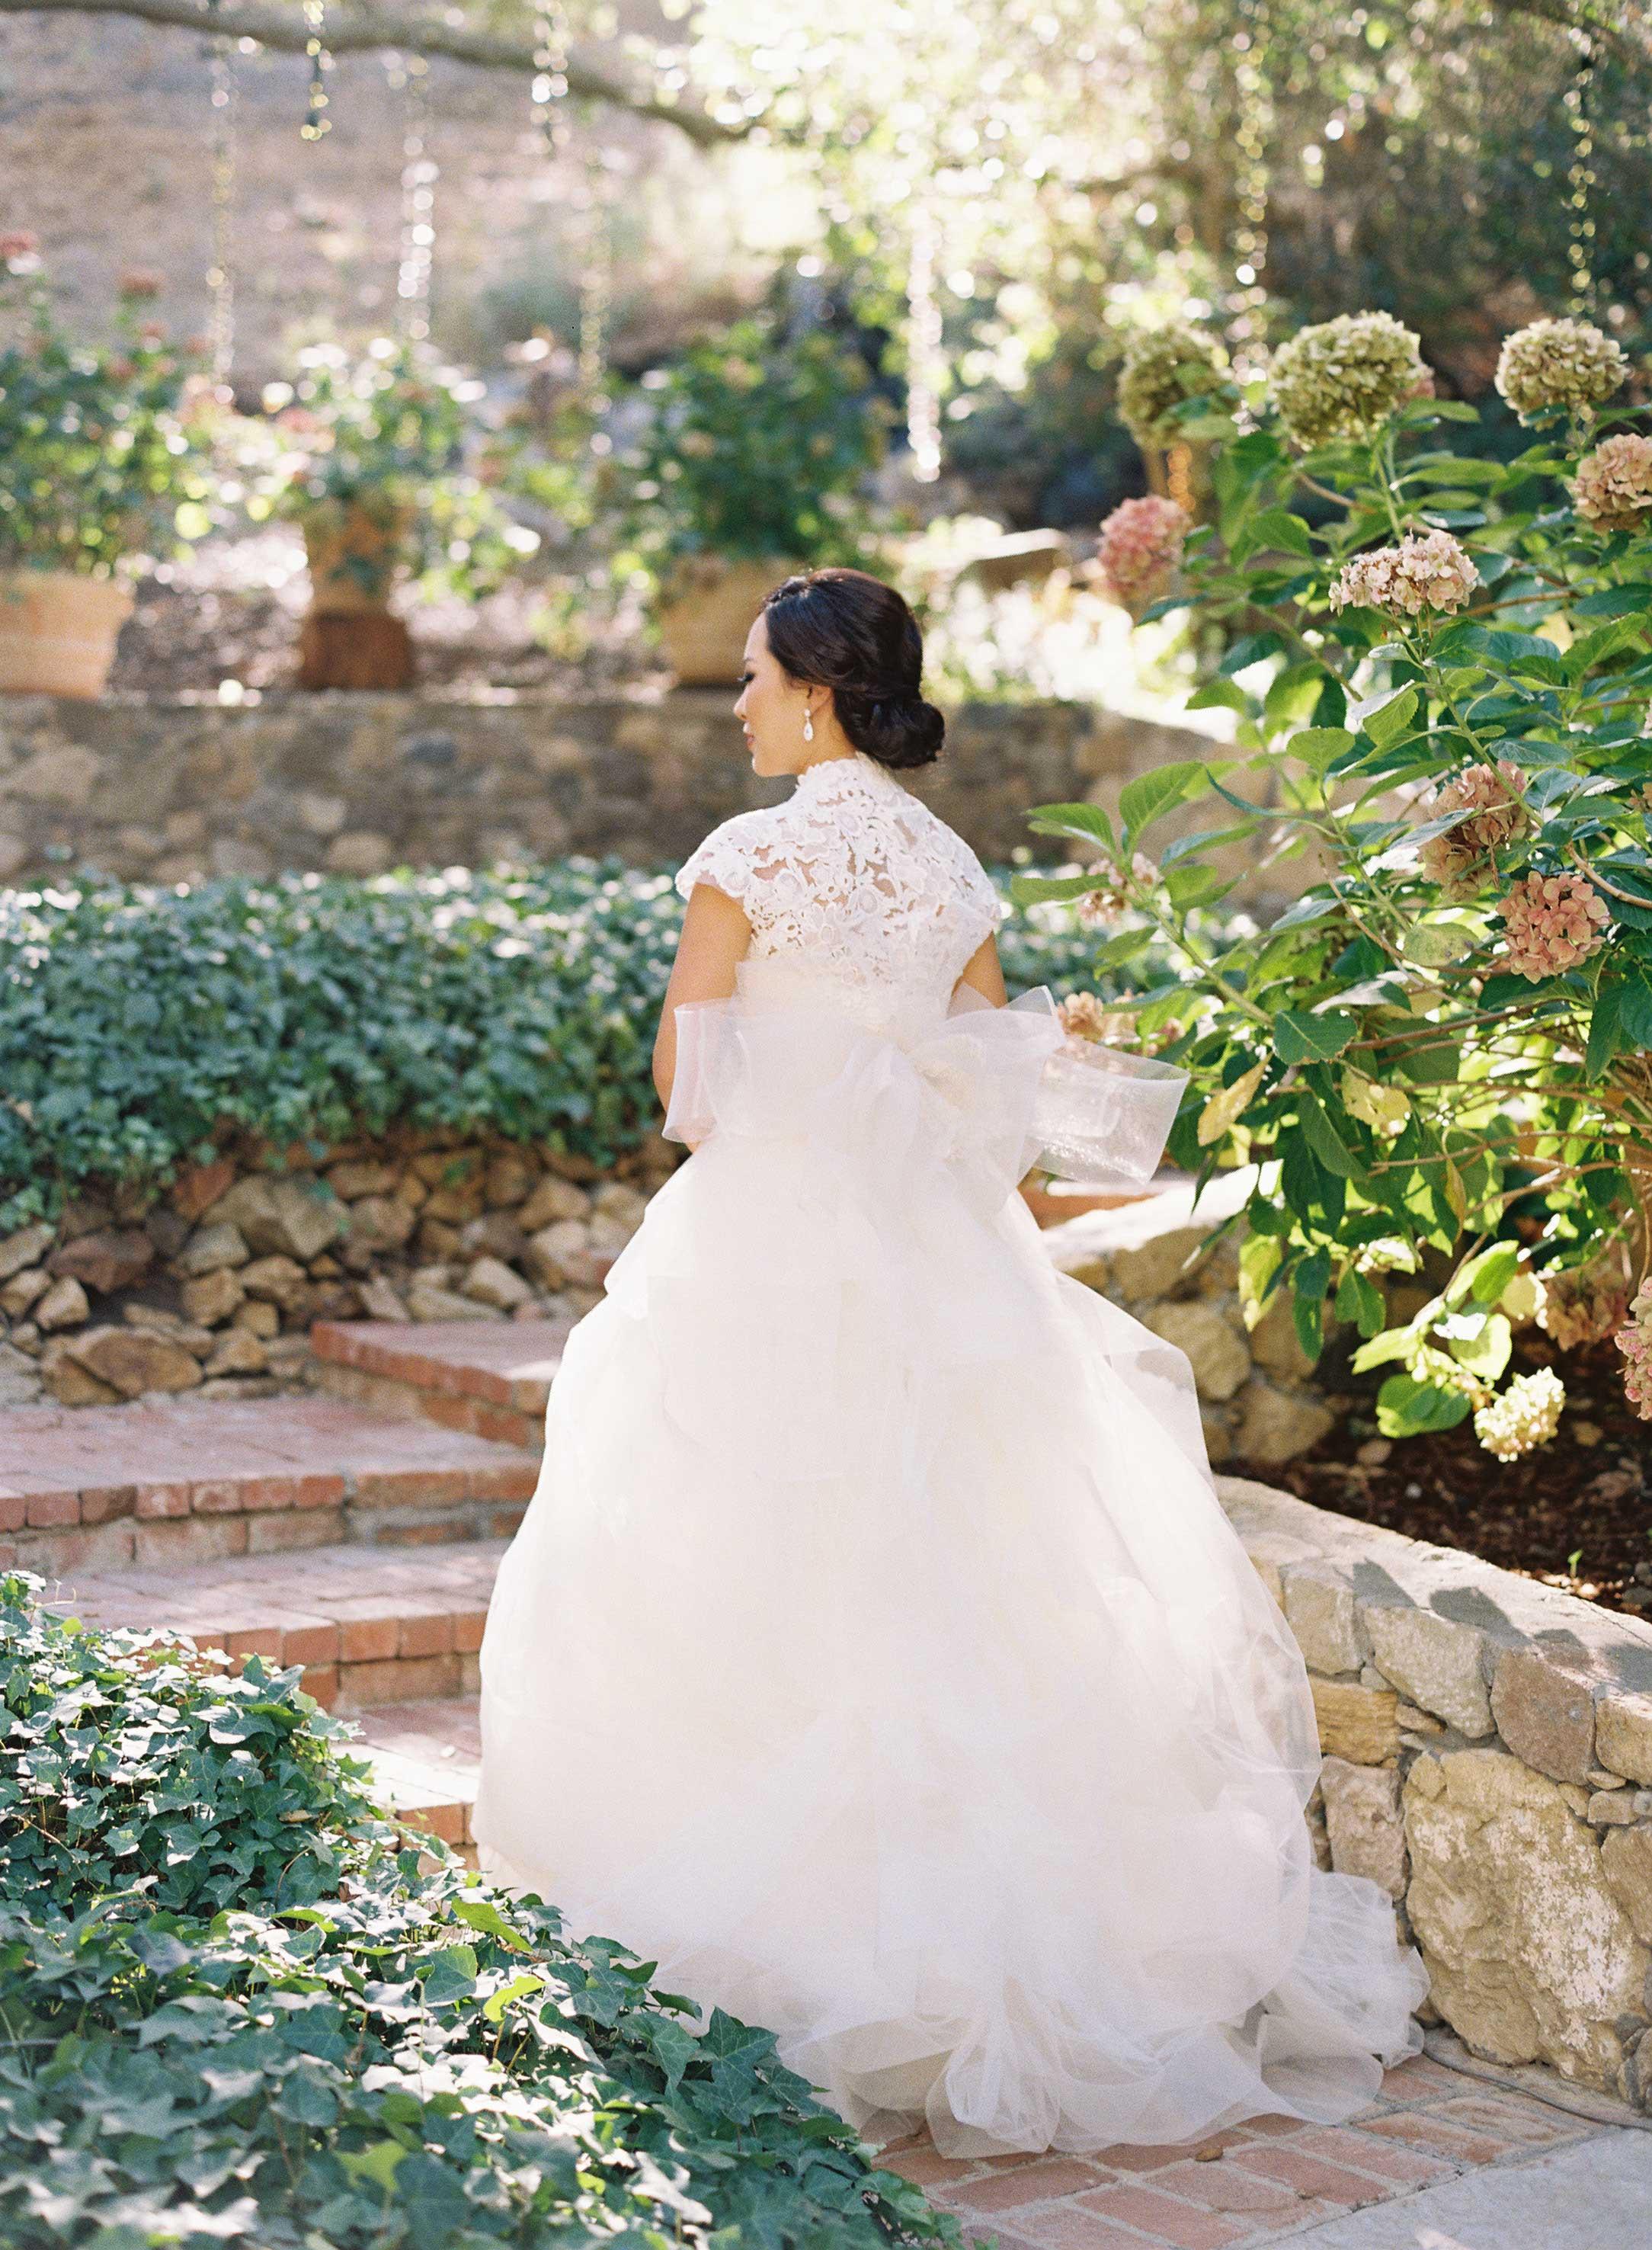 Bride in voluminous tulle skirt wedding dress